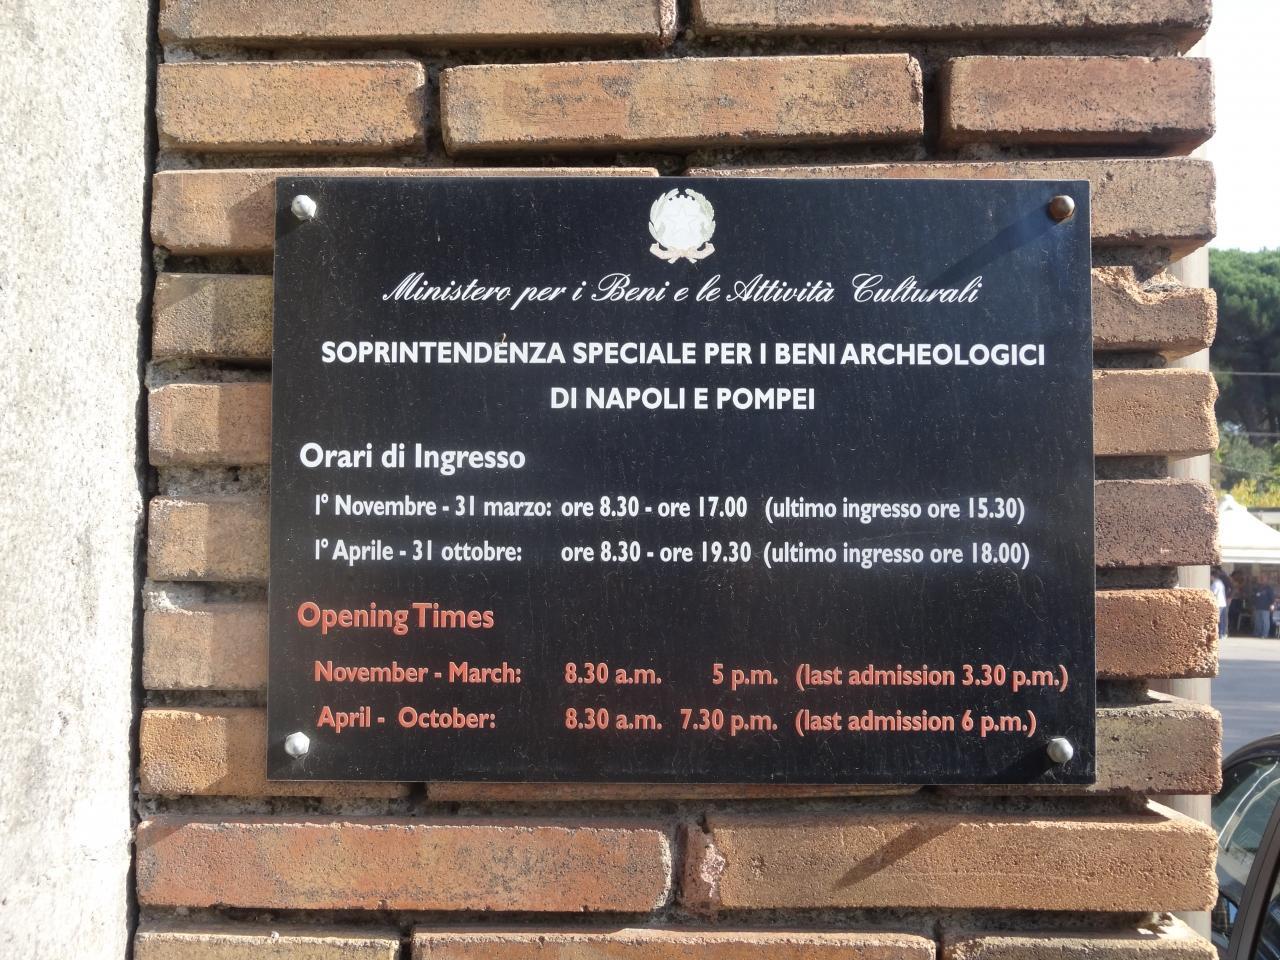 ポンペイ、ヘルクラネウム及びトッレ・アンヌンツィアータの遺跡地域の画像 p1_31